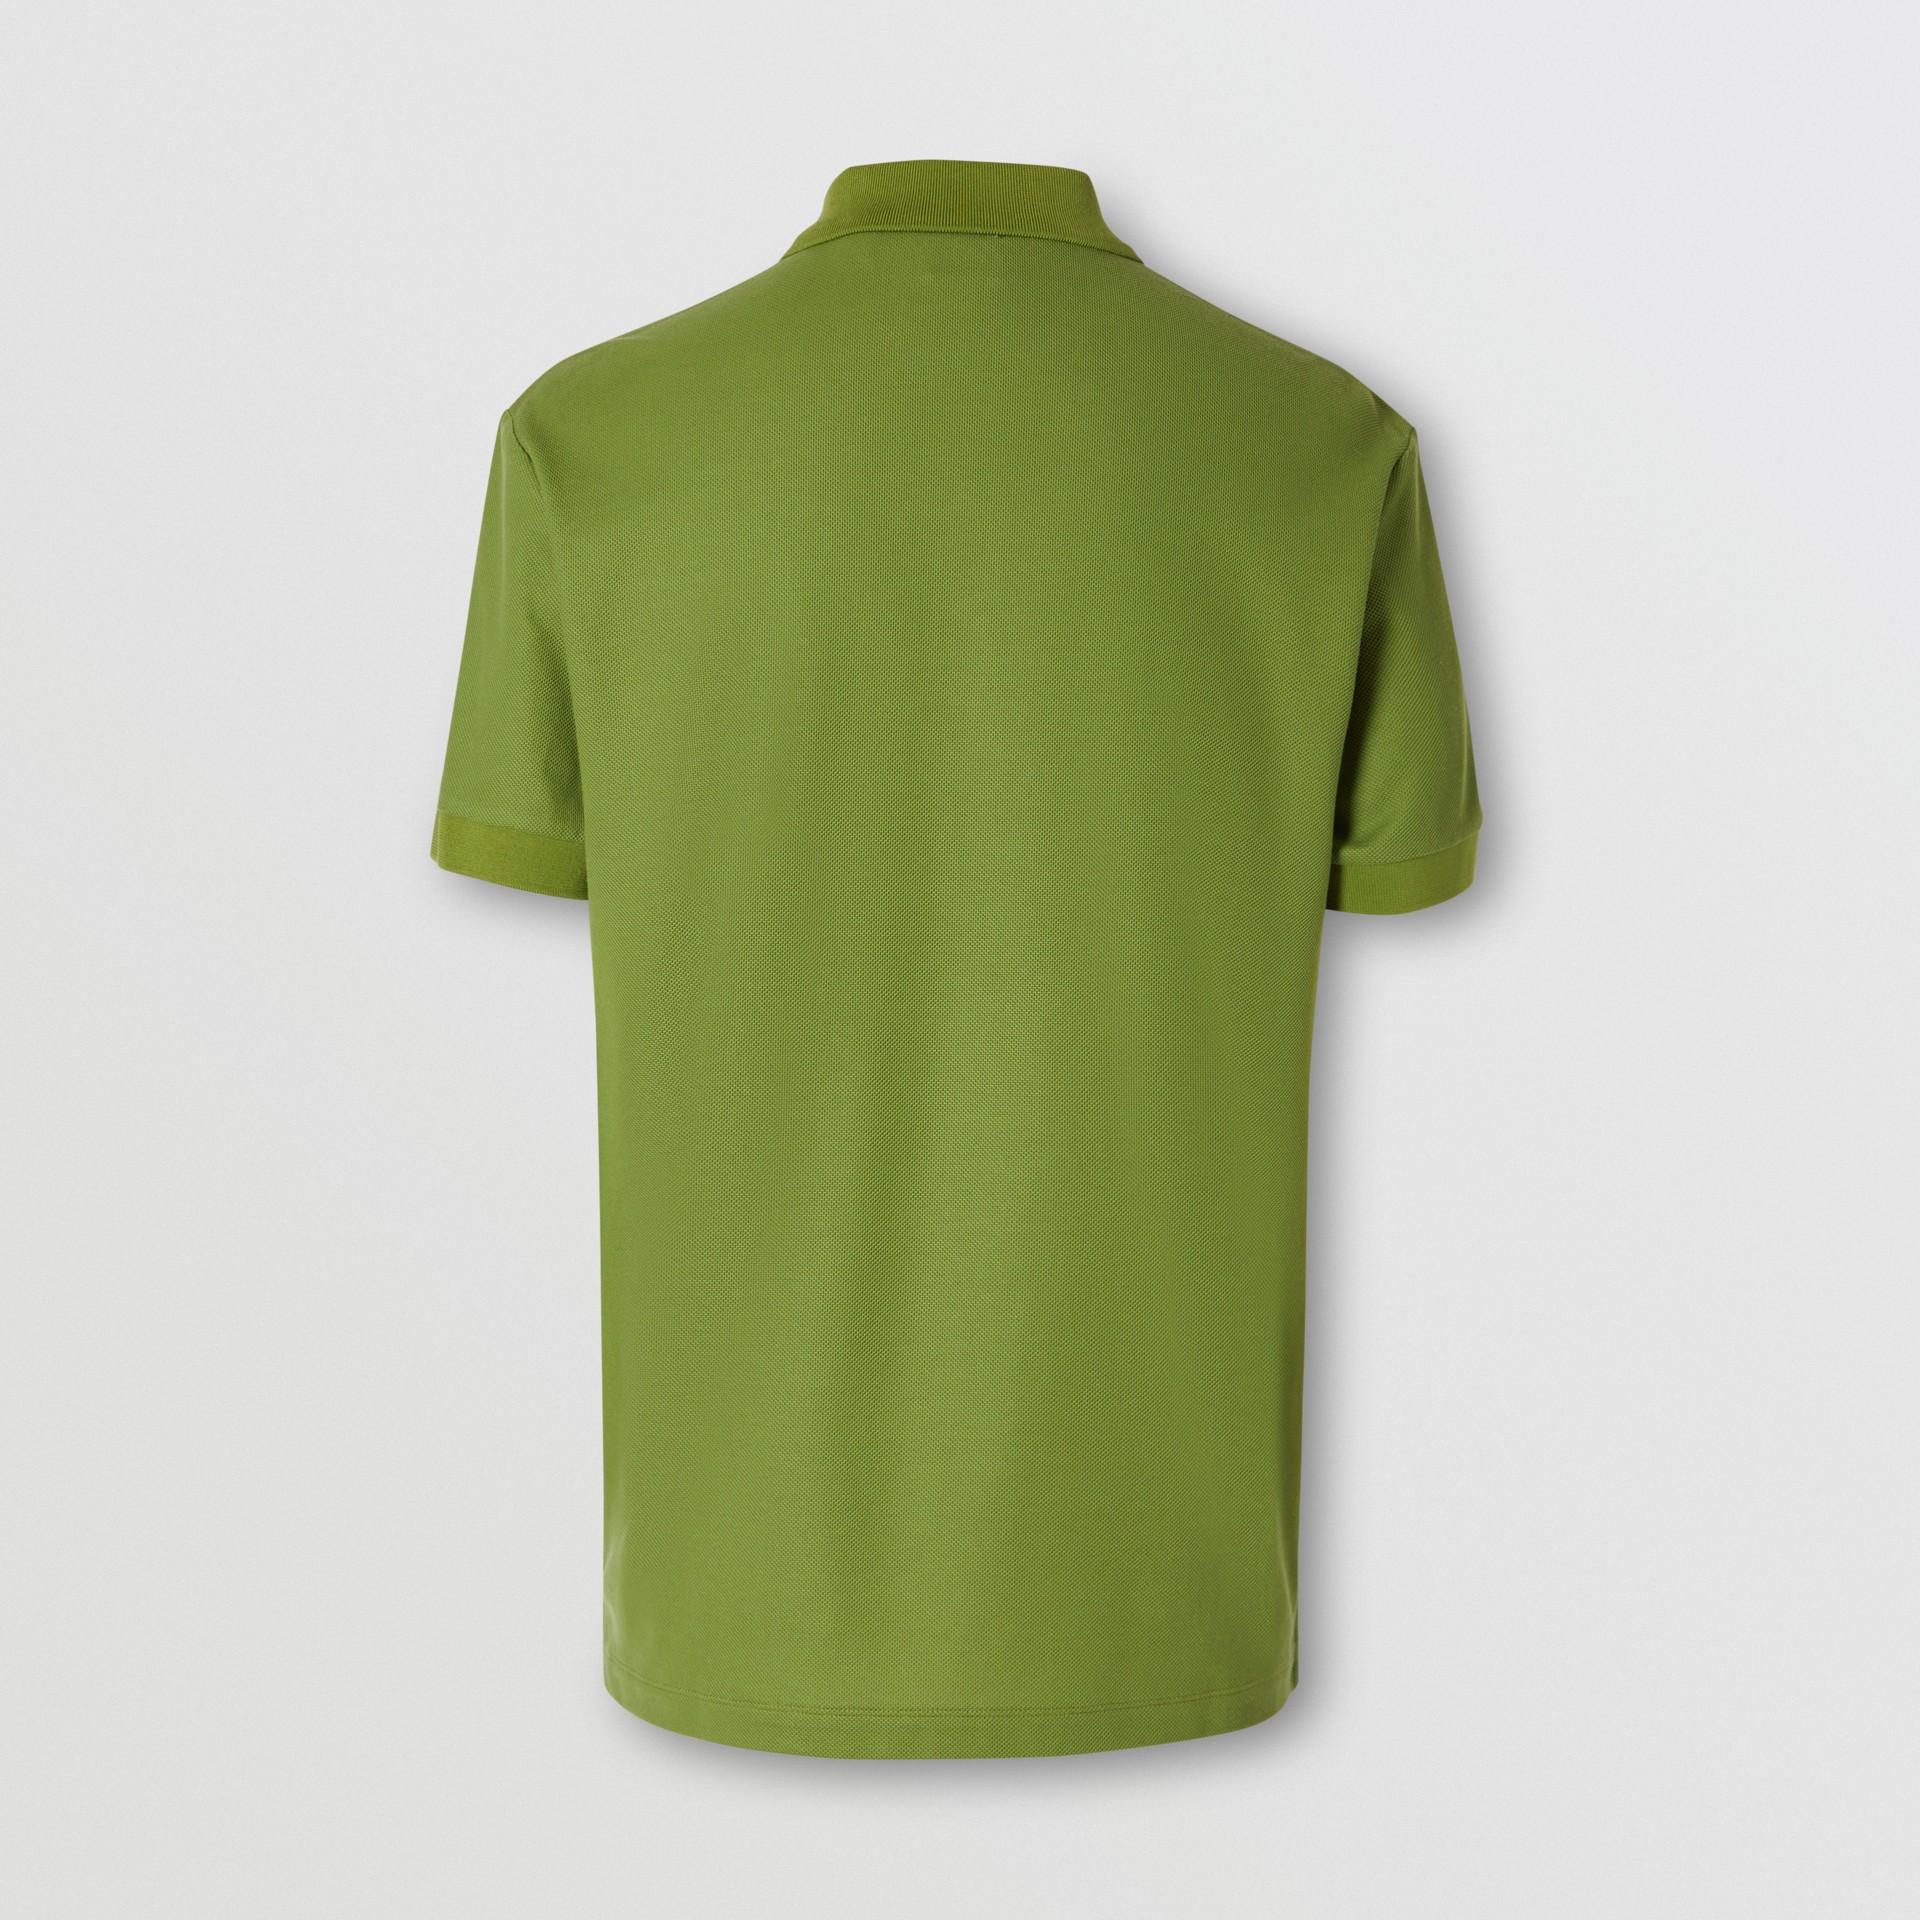 Monogram Motif Cotton Piqué Polo Shirt in Cedar Green - Men   Burberry - gallery image 5